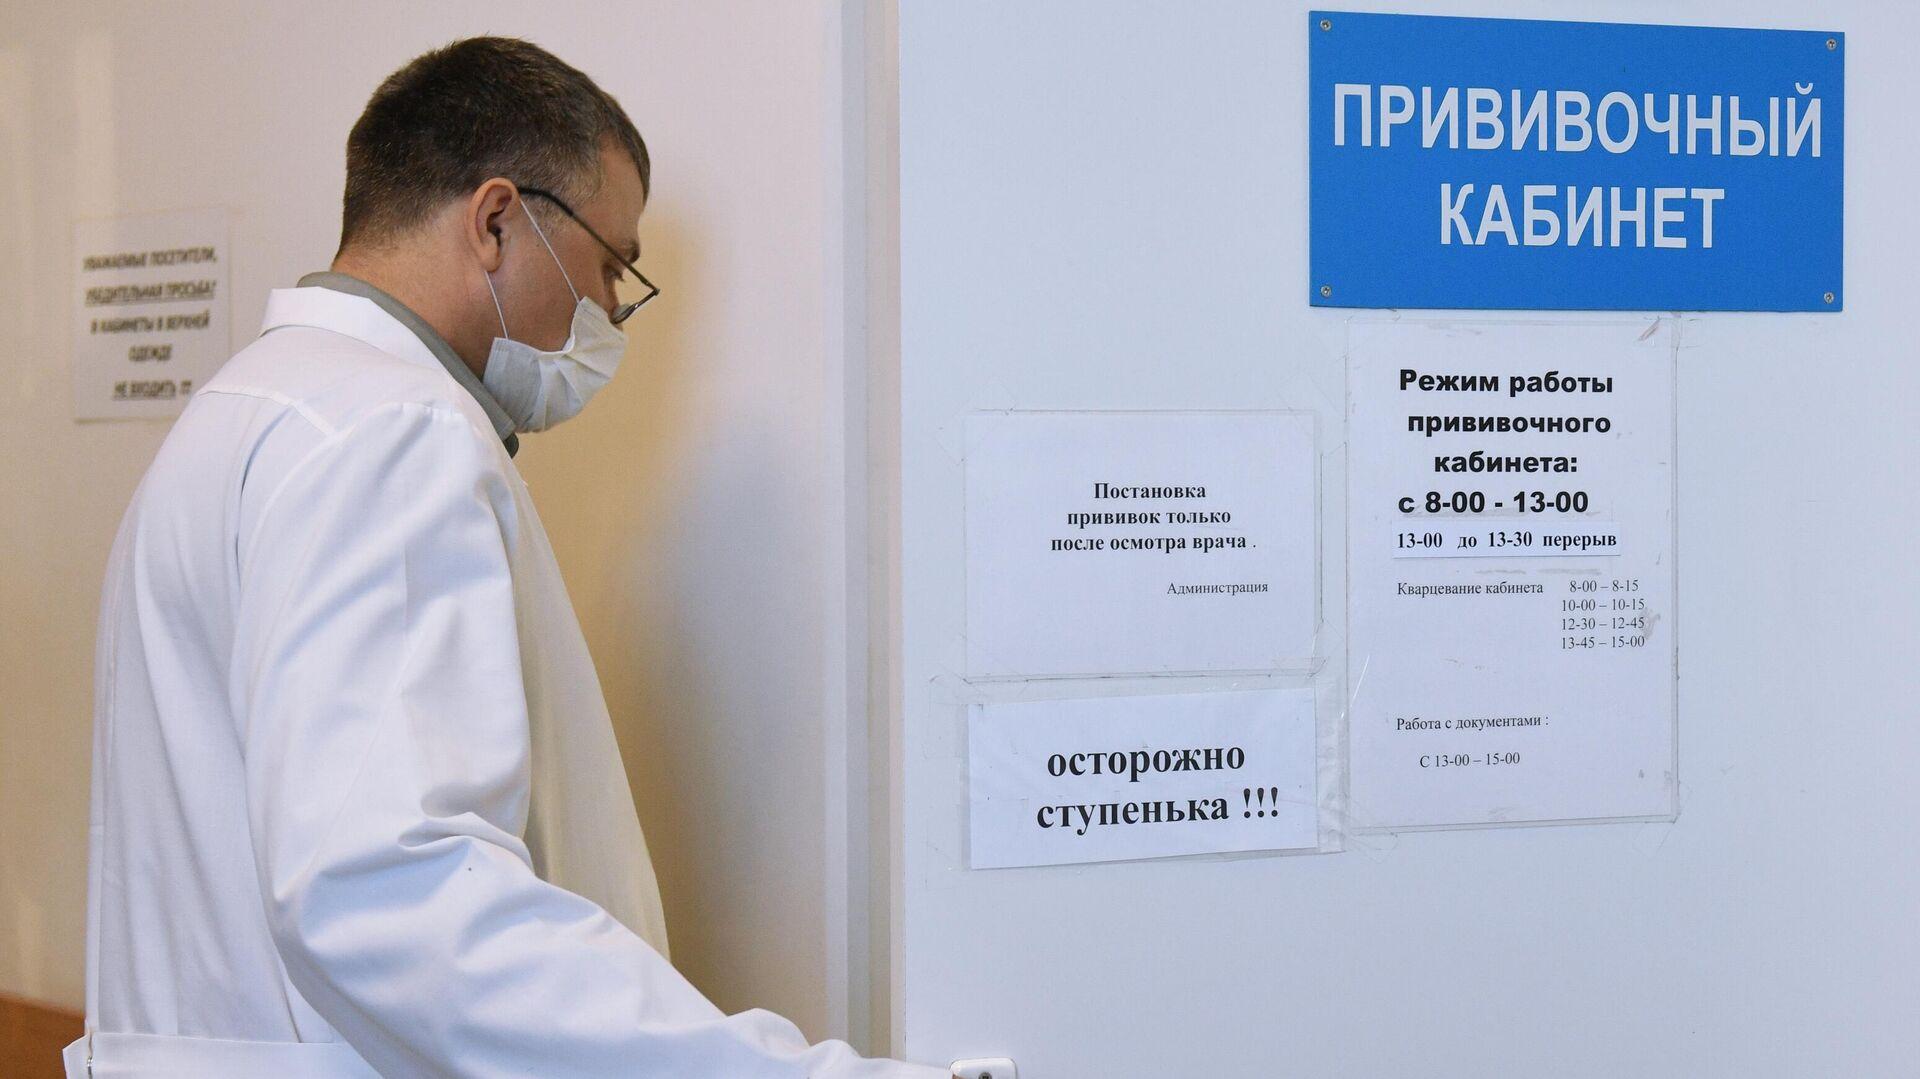 Медицинский работник возле прививочного кабинета перед вакцинацией от COVID-19 - РИА Новости, 1920, 15.12.2020